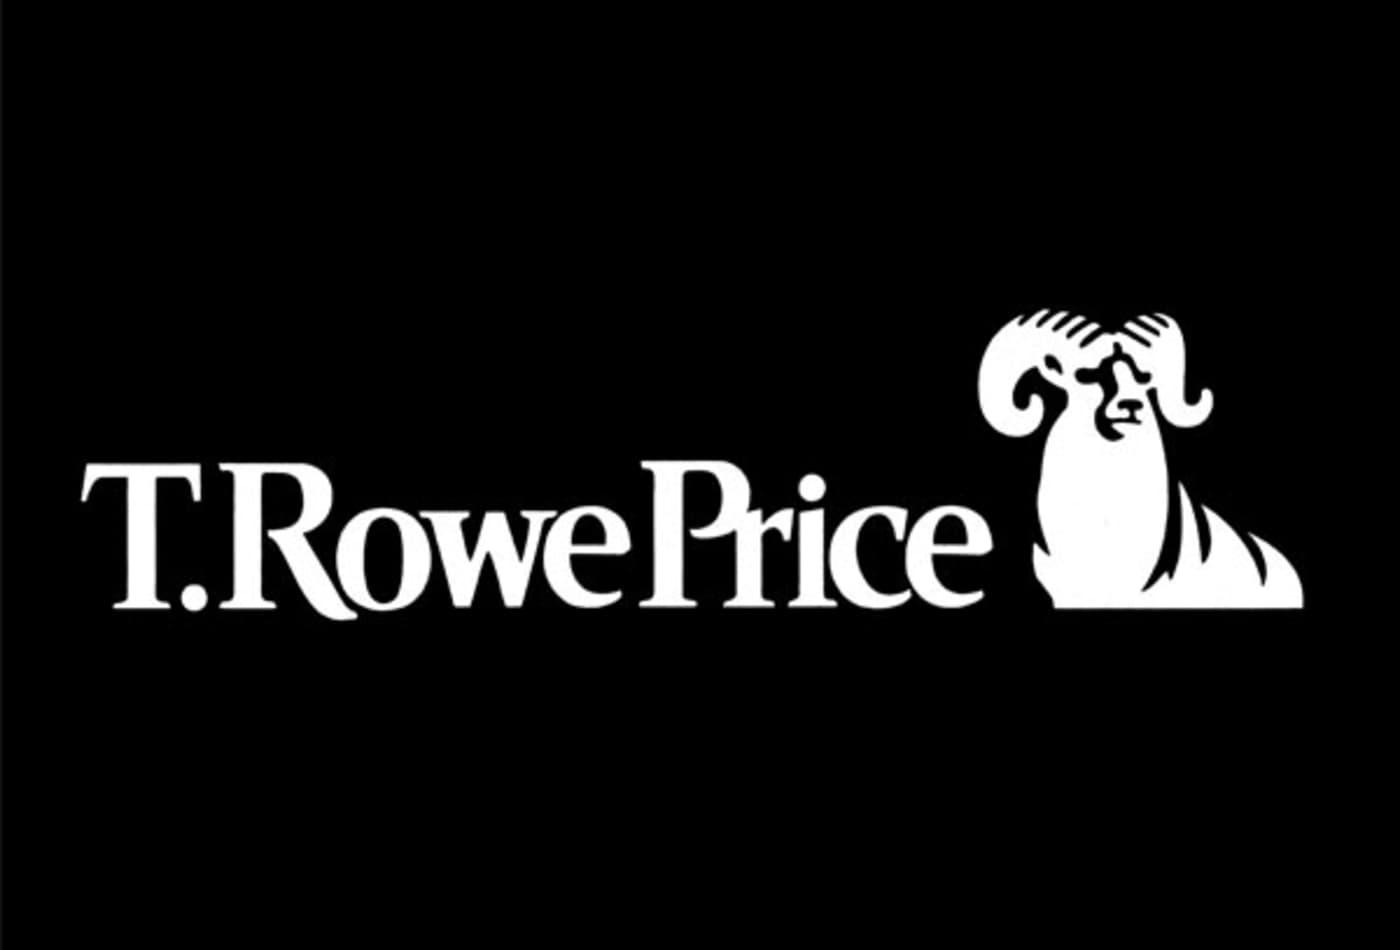 Trowe_Price.jpg